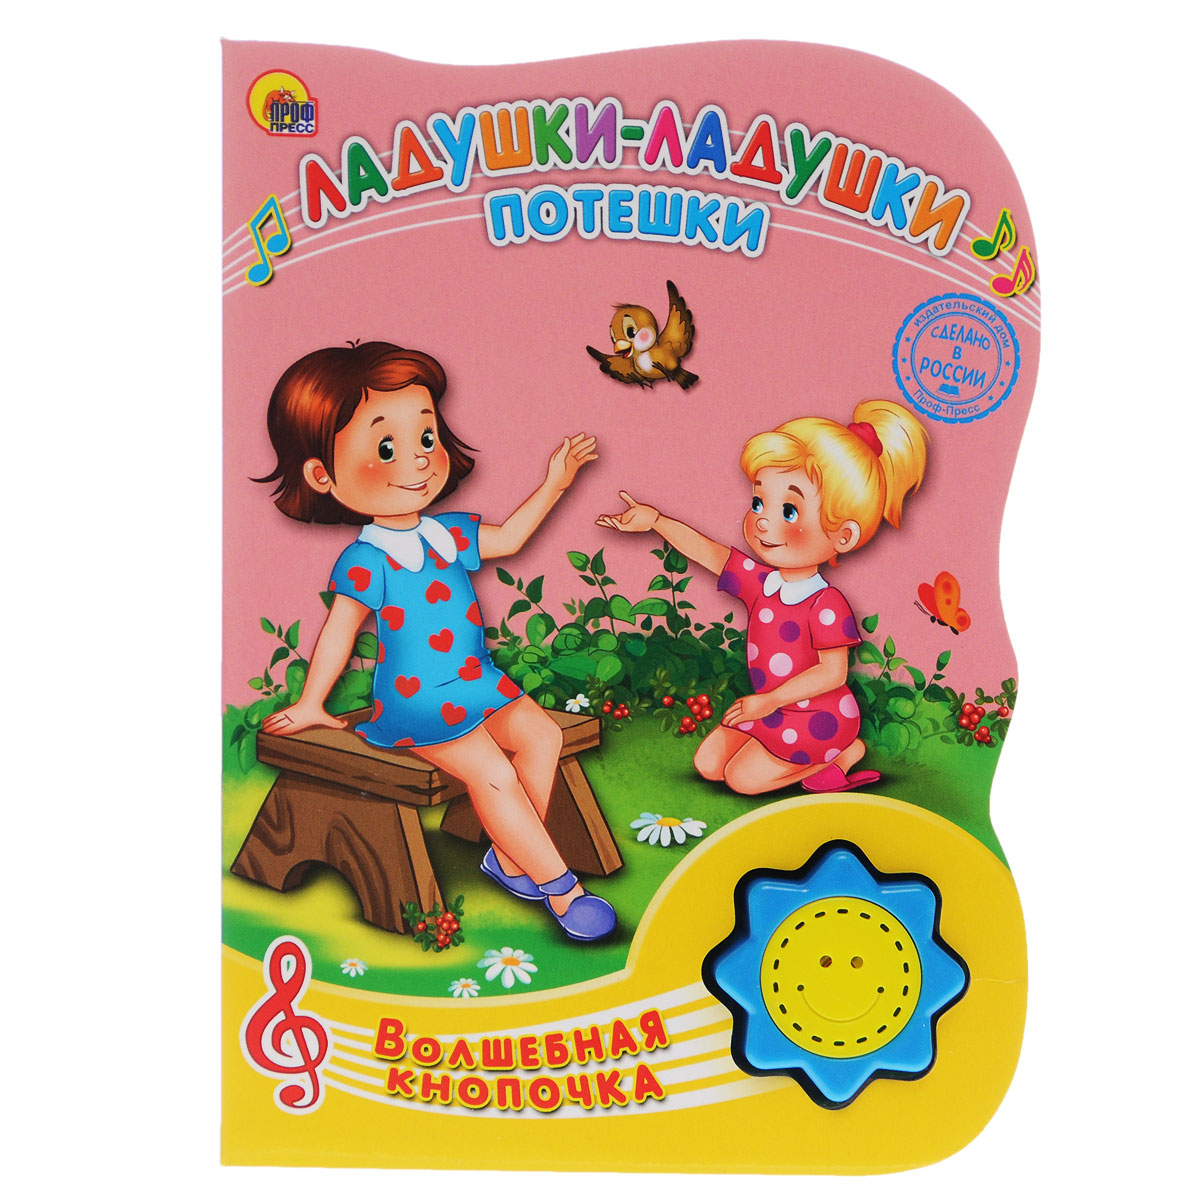 Ладушки-ладушки. Книжка-игрушка книжки картонки росмэн волшебная снежинка новогодняя книга